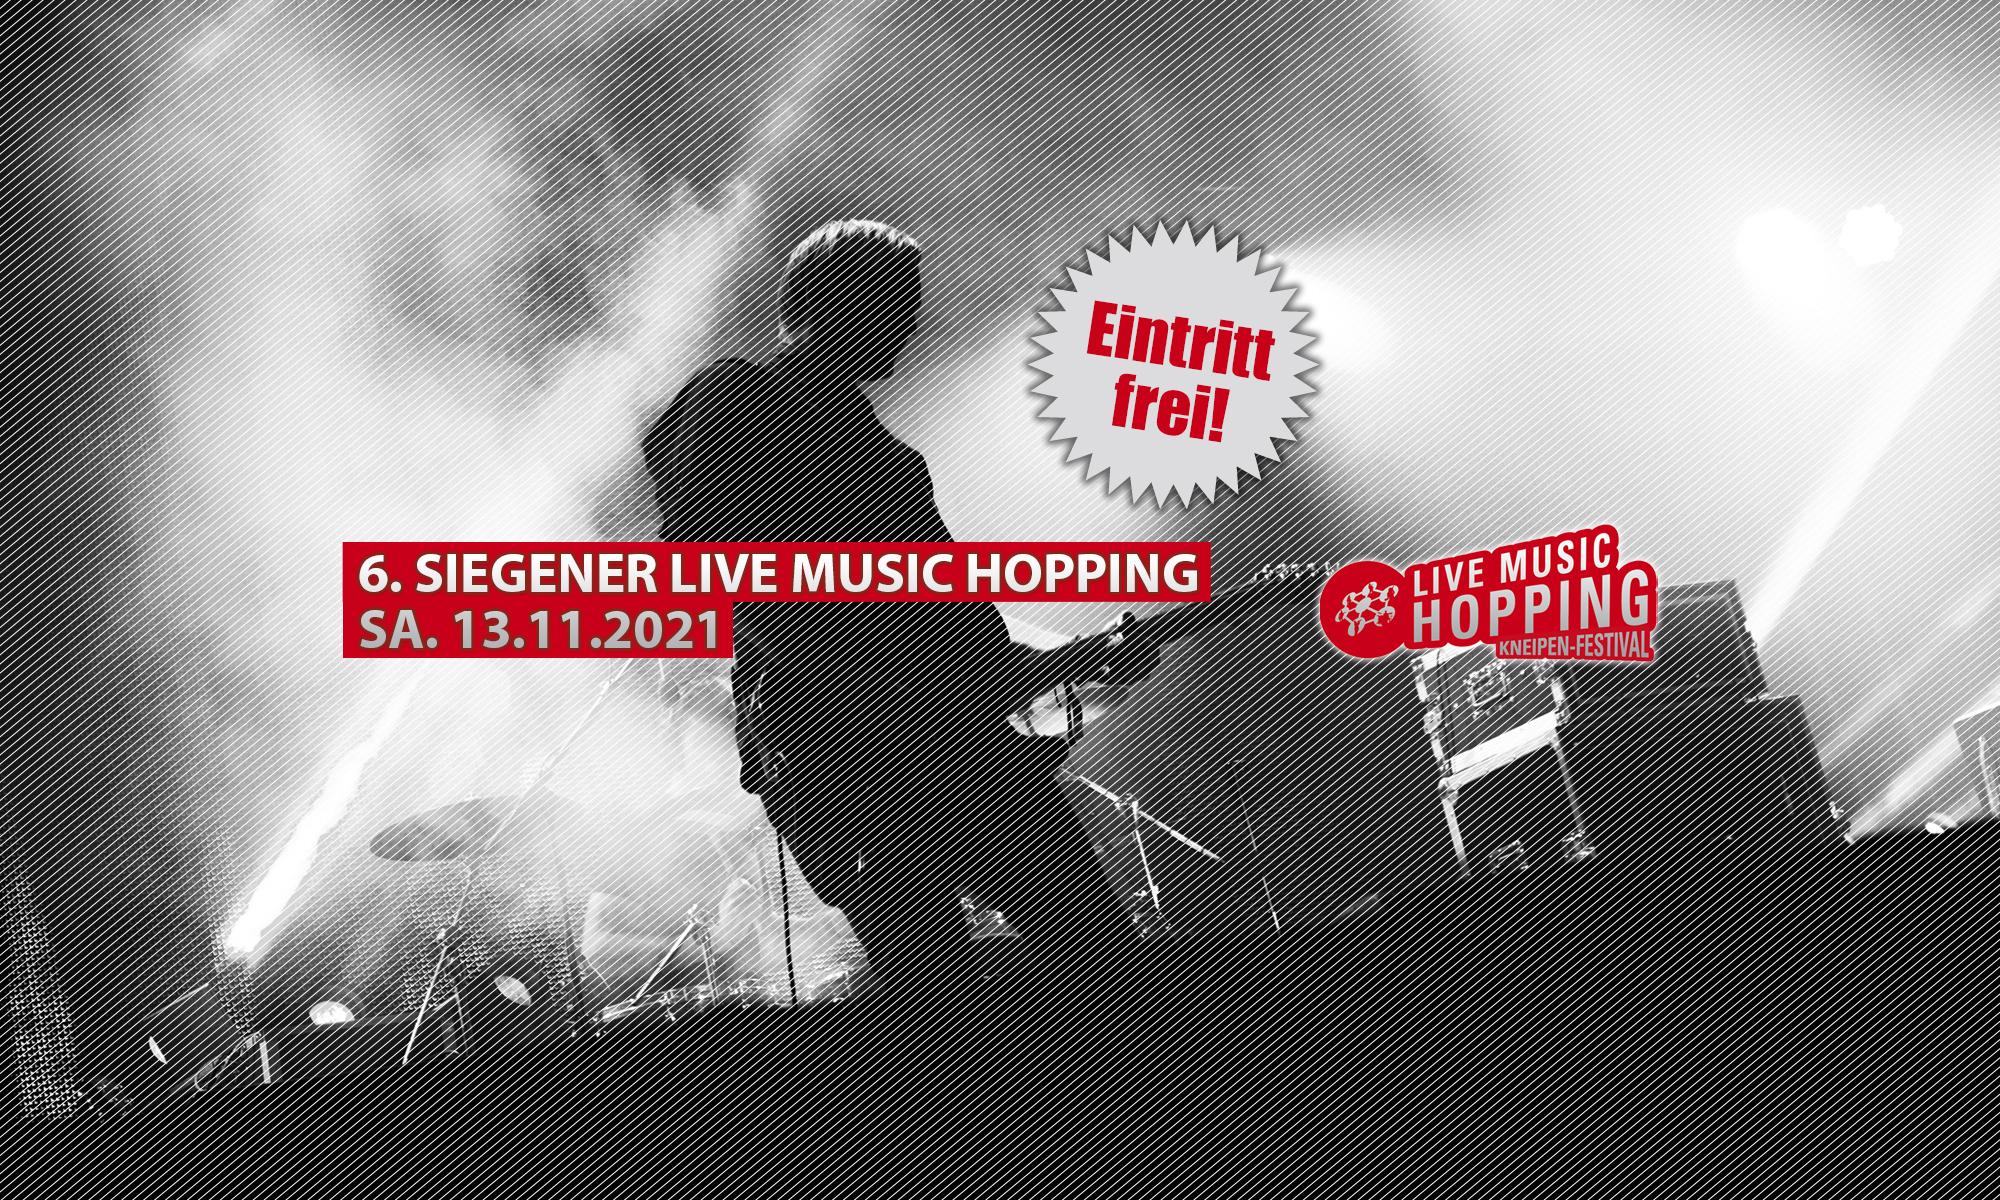 Siegener Live Music Hopping Kneipen-Festival